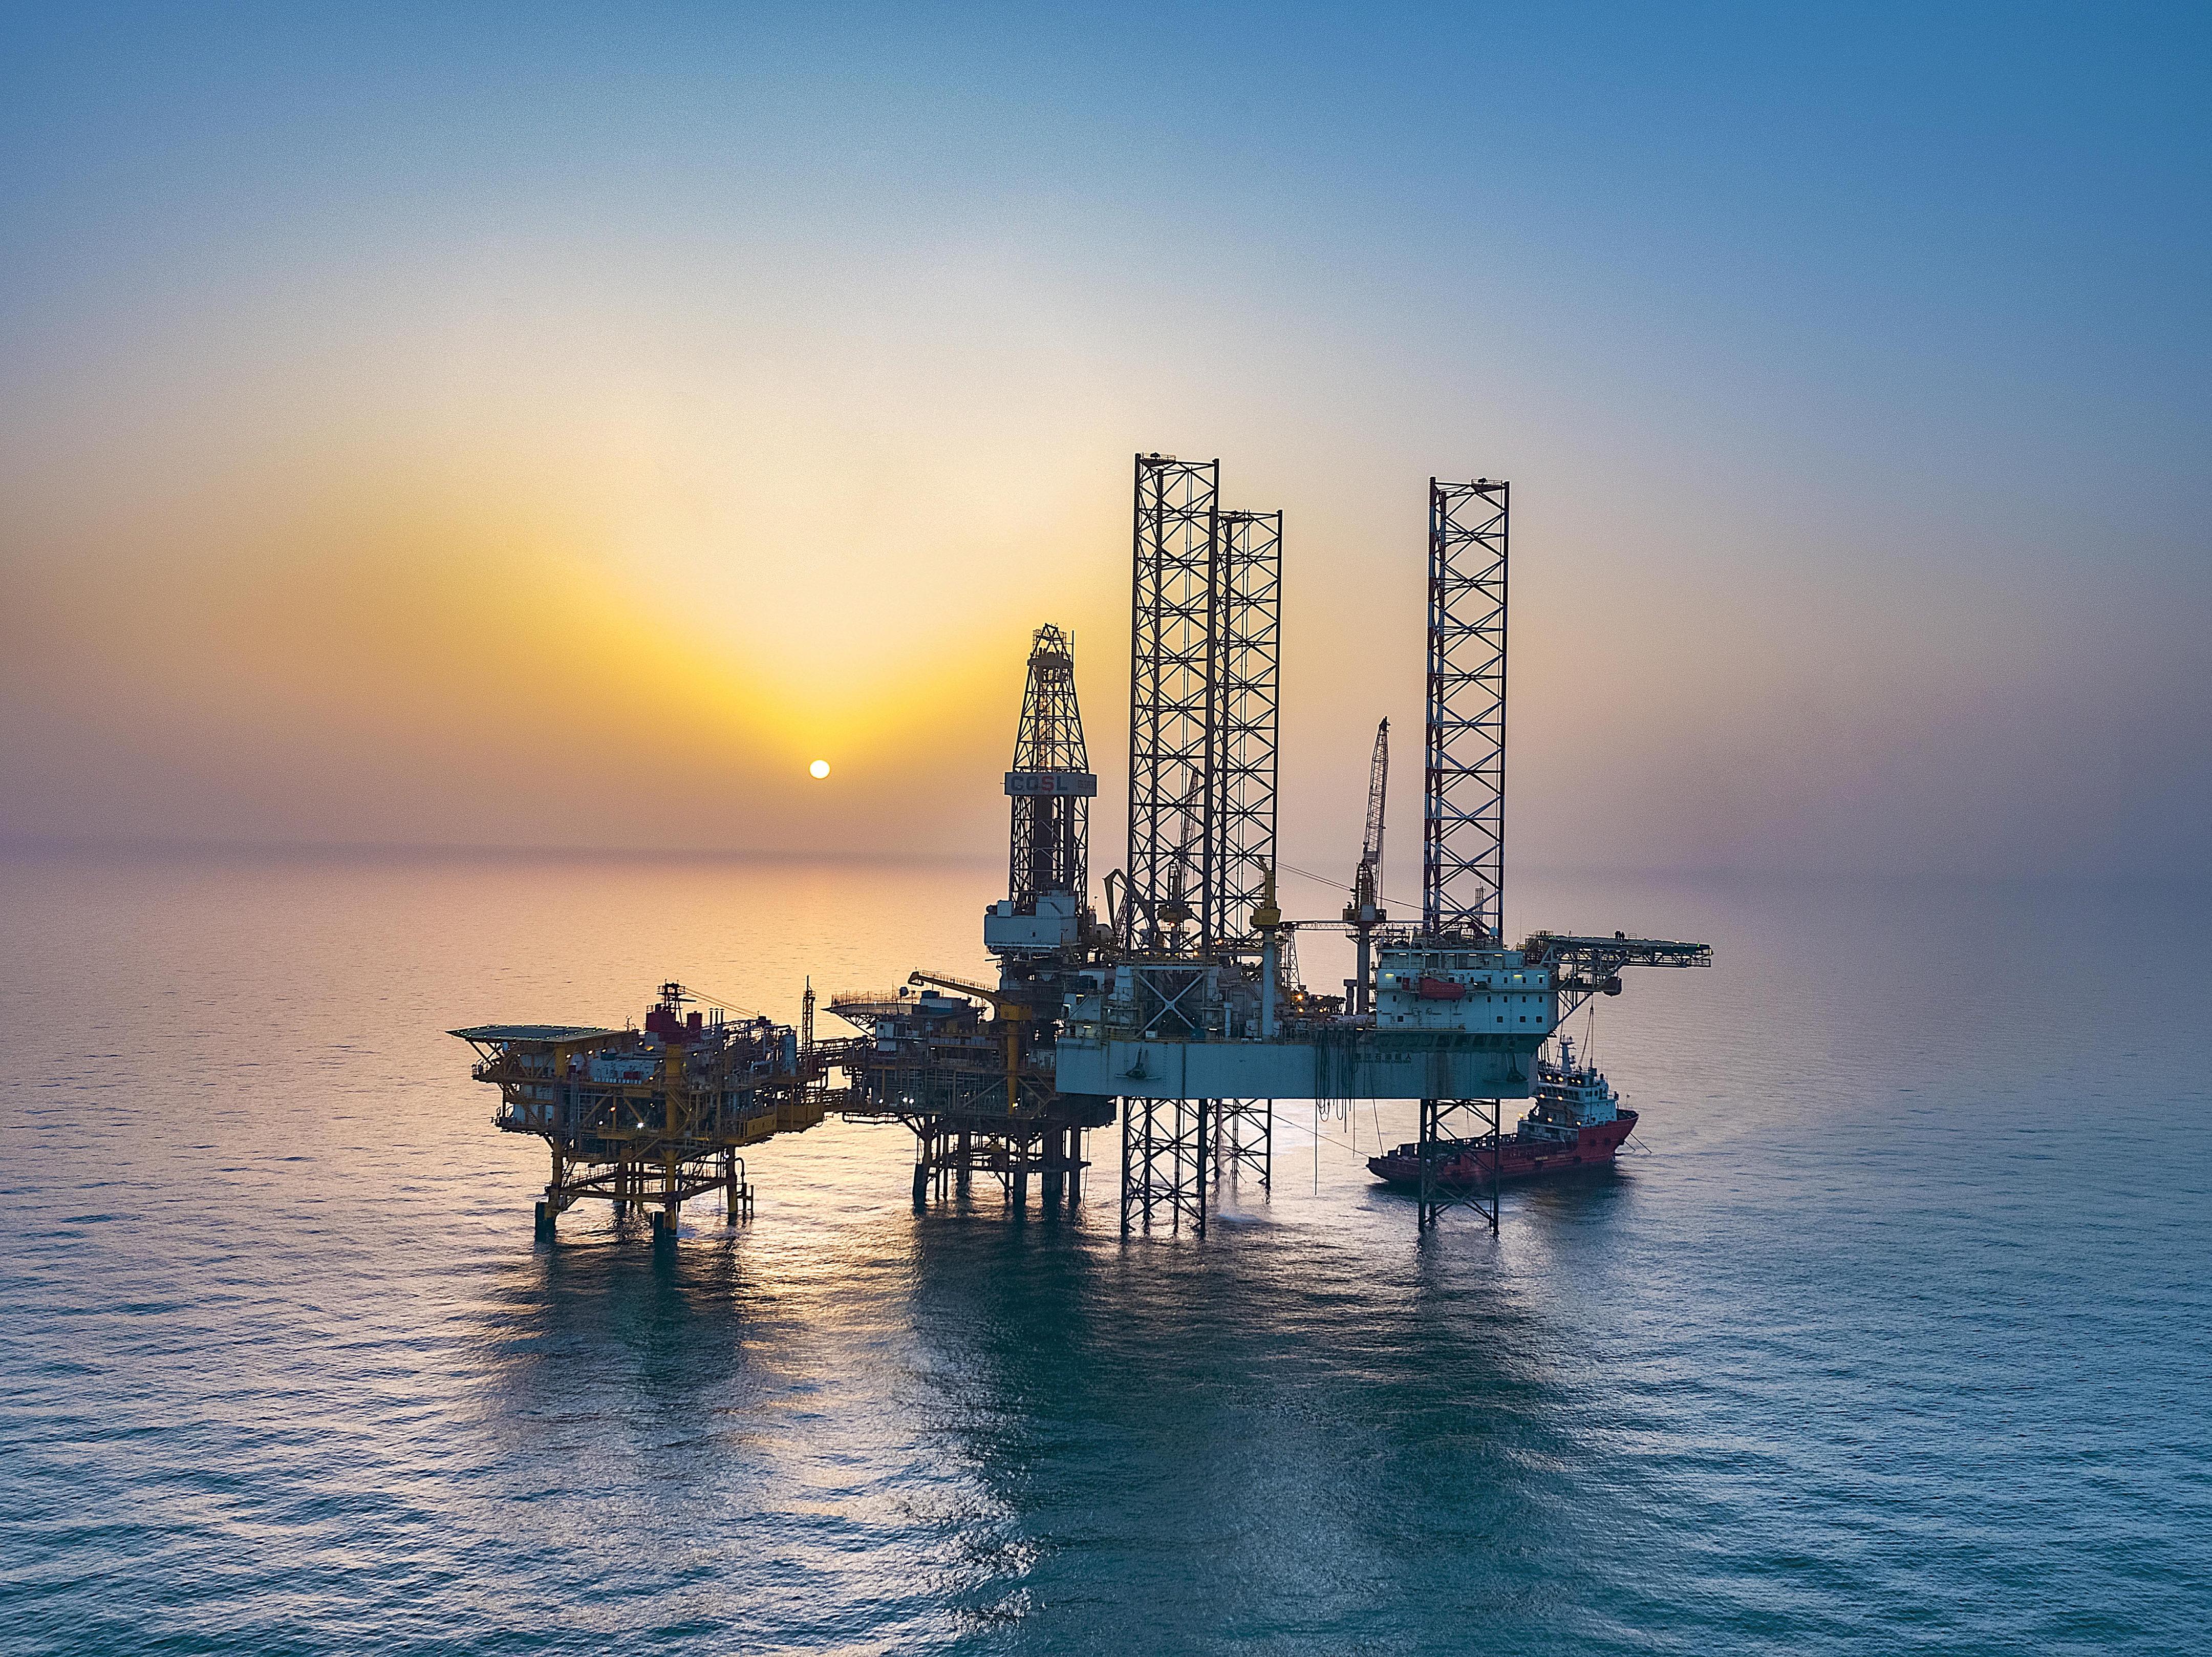 Hausse des prix du pétrole : symbole d'une confiance économique mondiale retrouvée